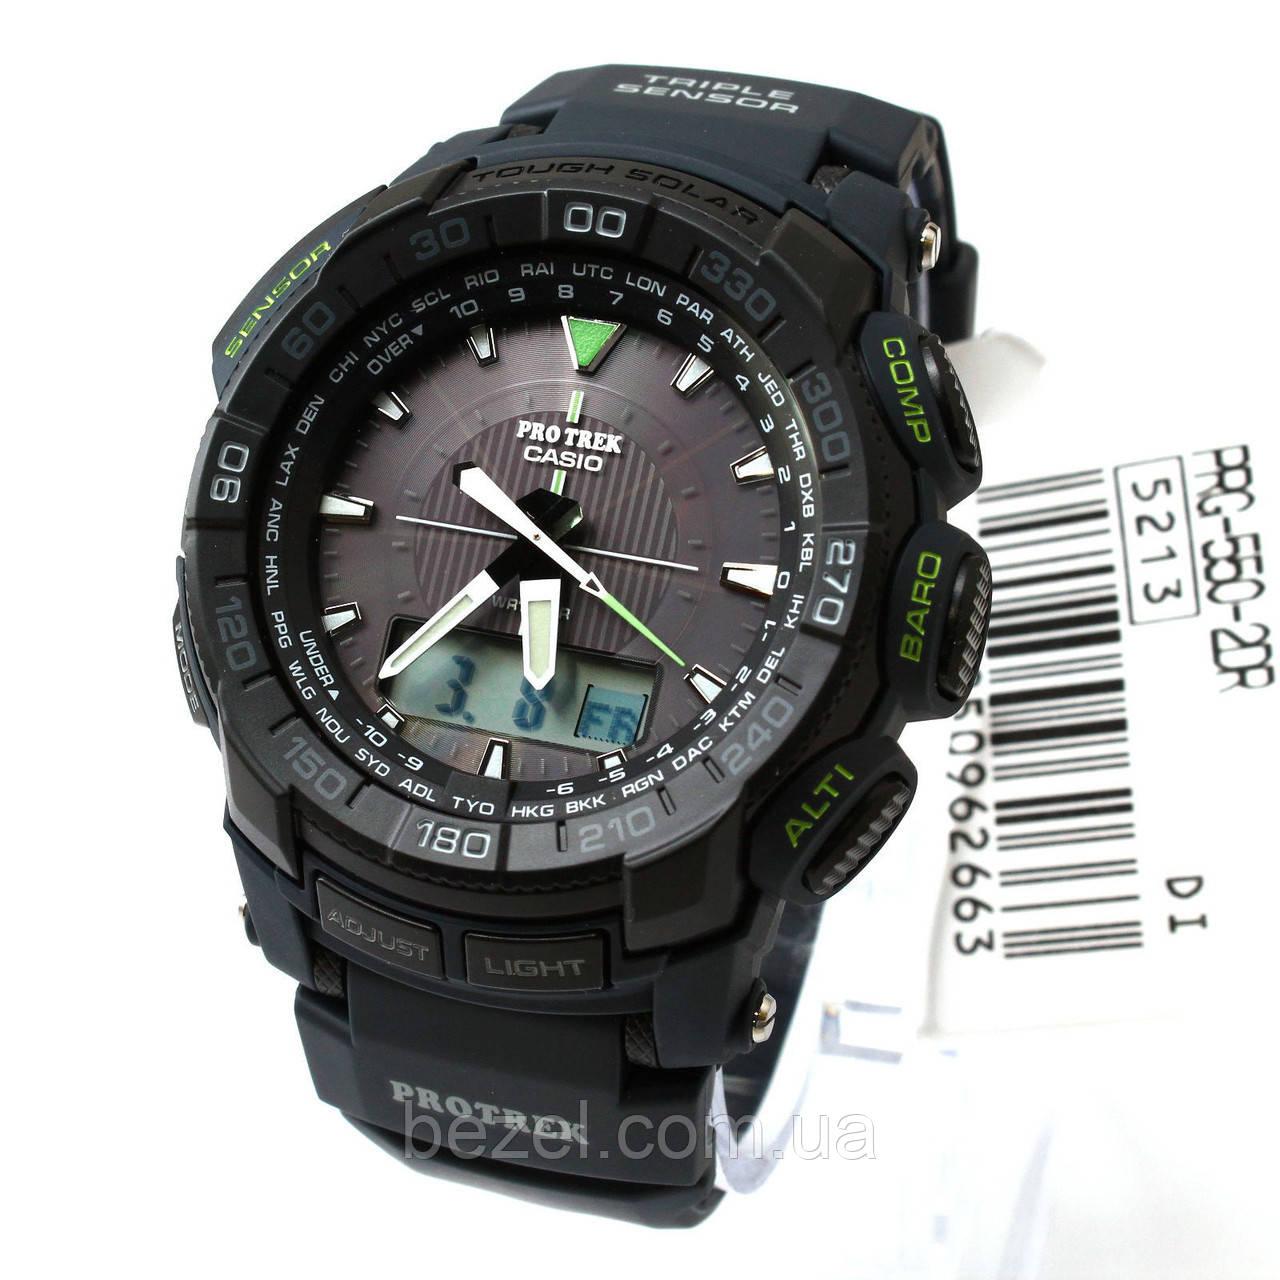 Мужские часы Casio Pro-Trek PRG550-2CR